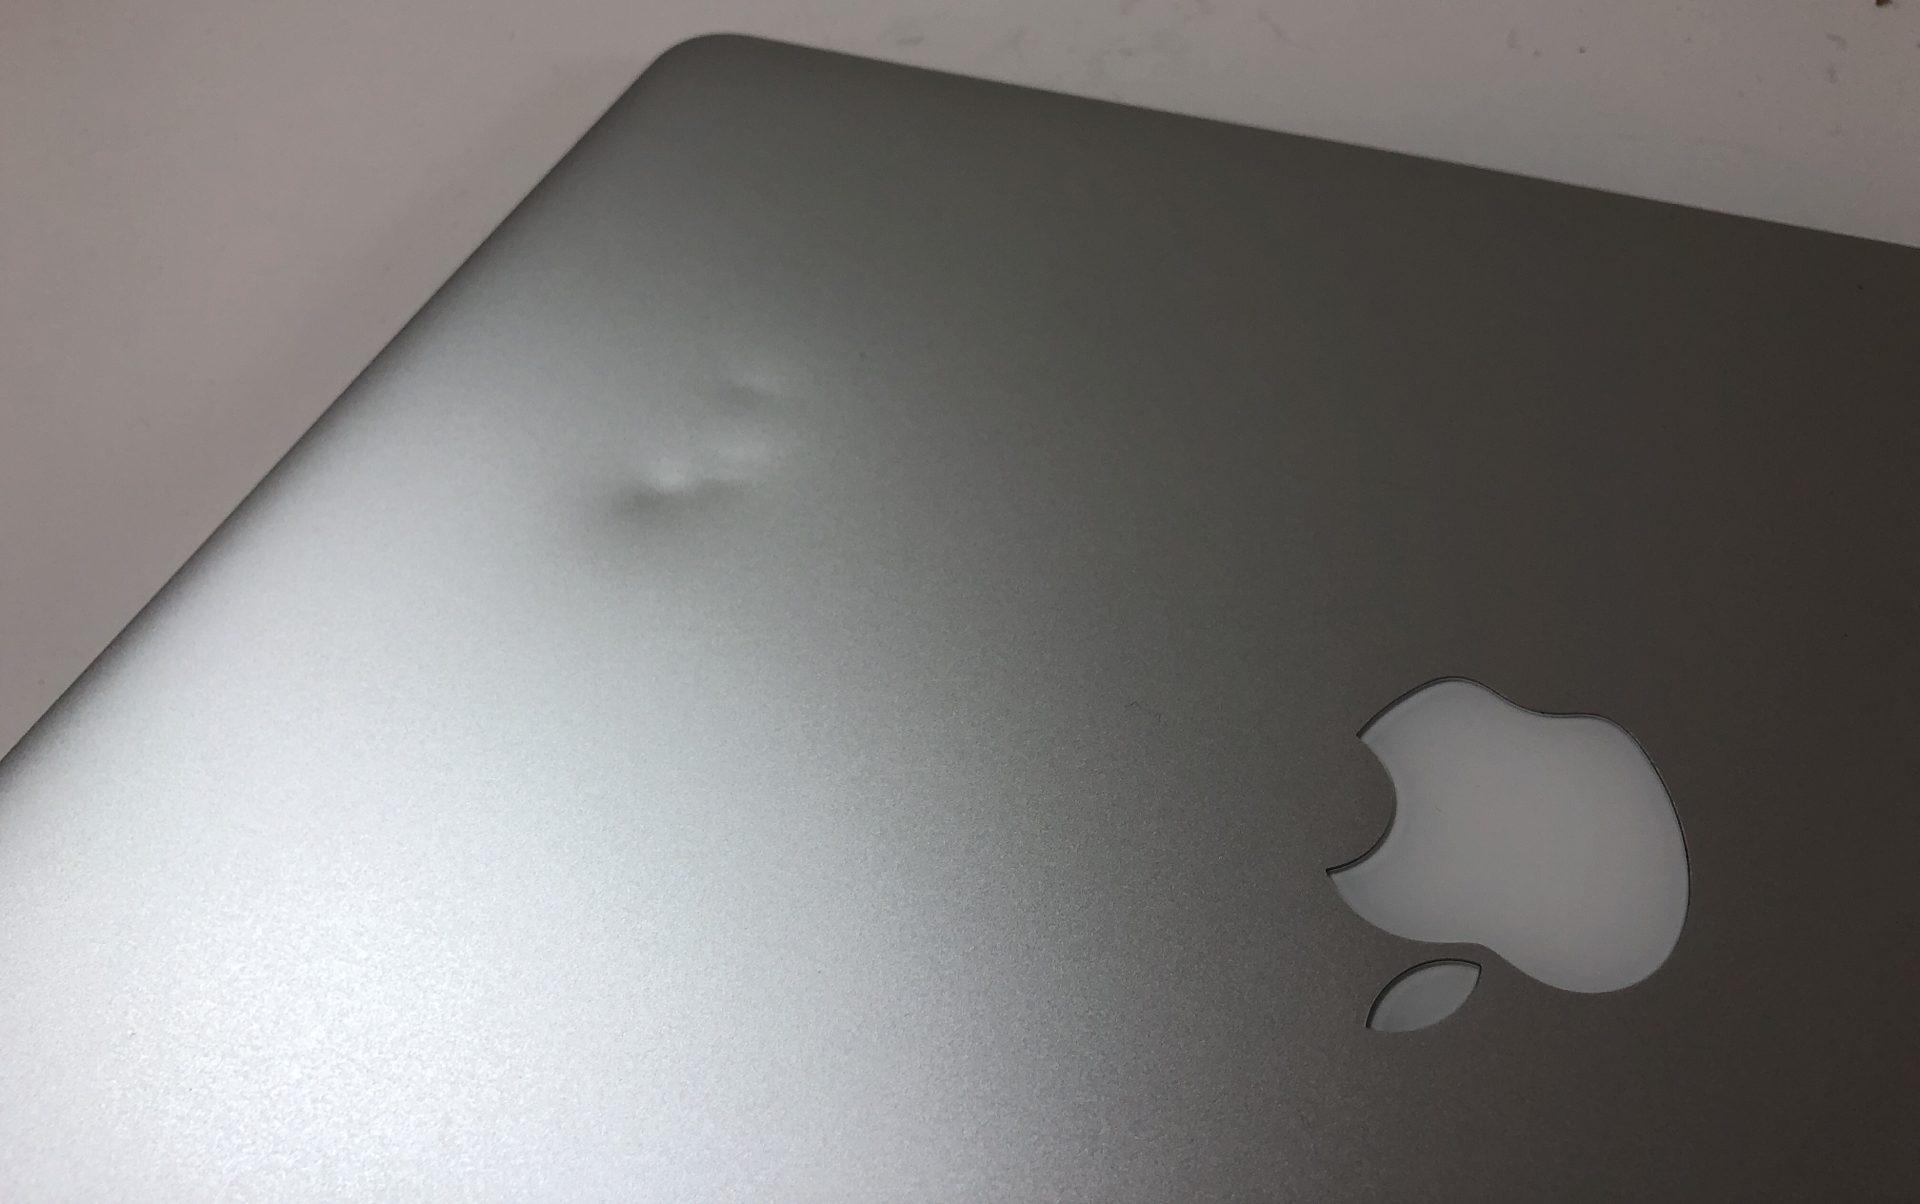 """MacBook Pro Retina 15"""" Mid 2014 (Intel Quad-Core i7 2.2 GHz 16 GB RAM 256 GB SSD), Intel Quad-Core i7 2.2 GHz, 16 GB RAM, 256 GB SSD, bild 3"""